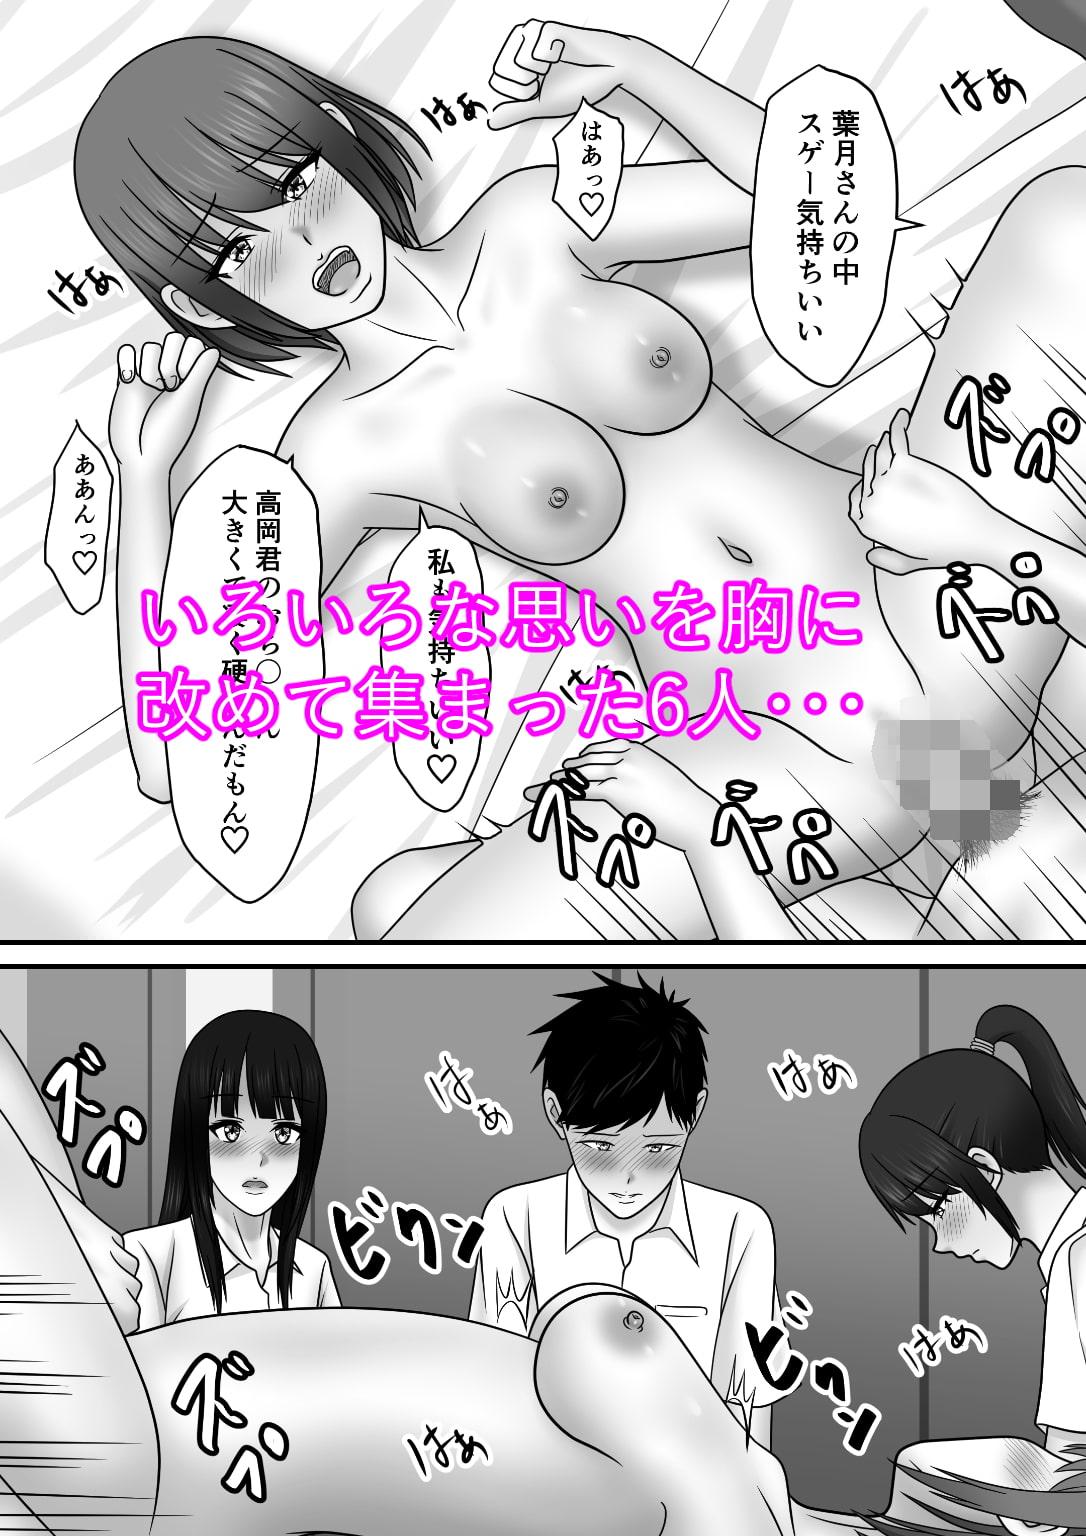 青春×発情×SEX